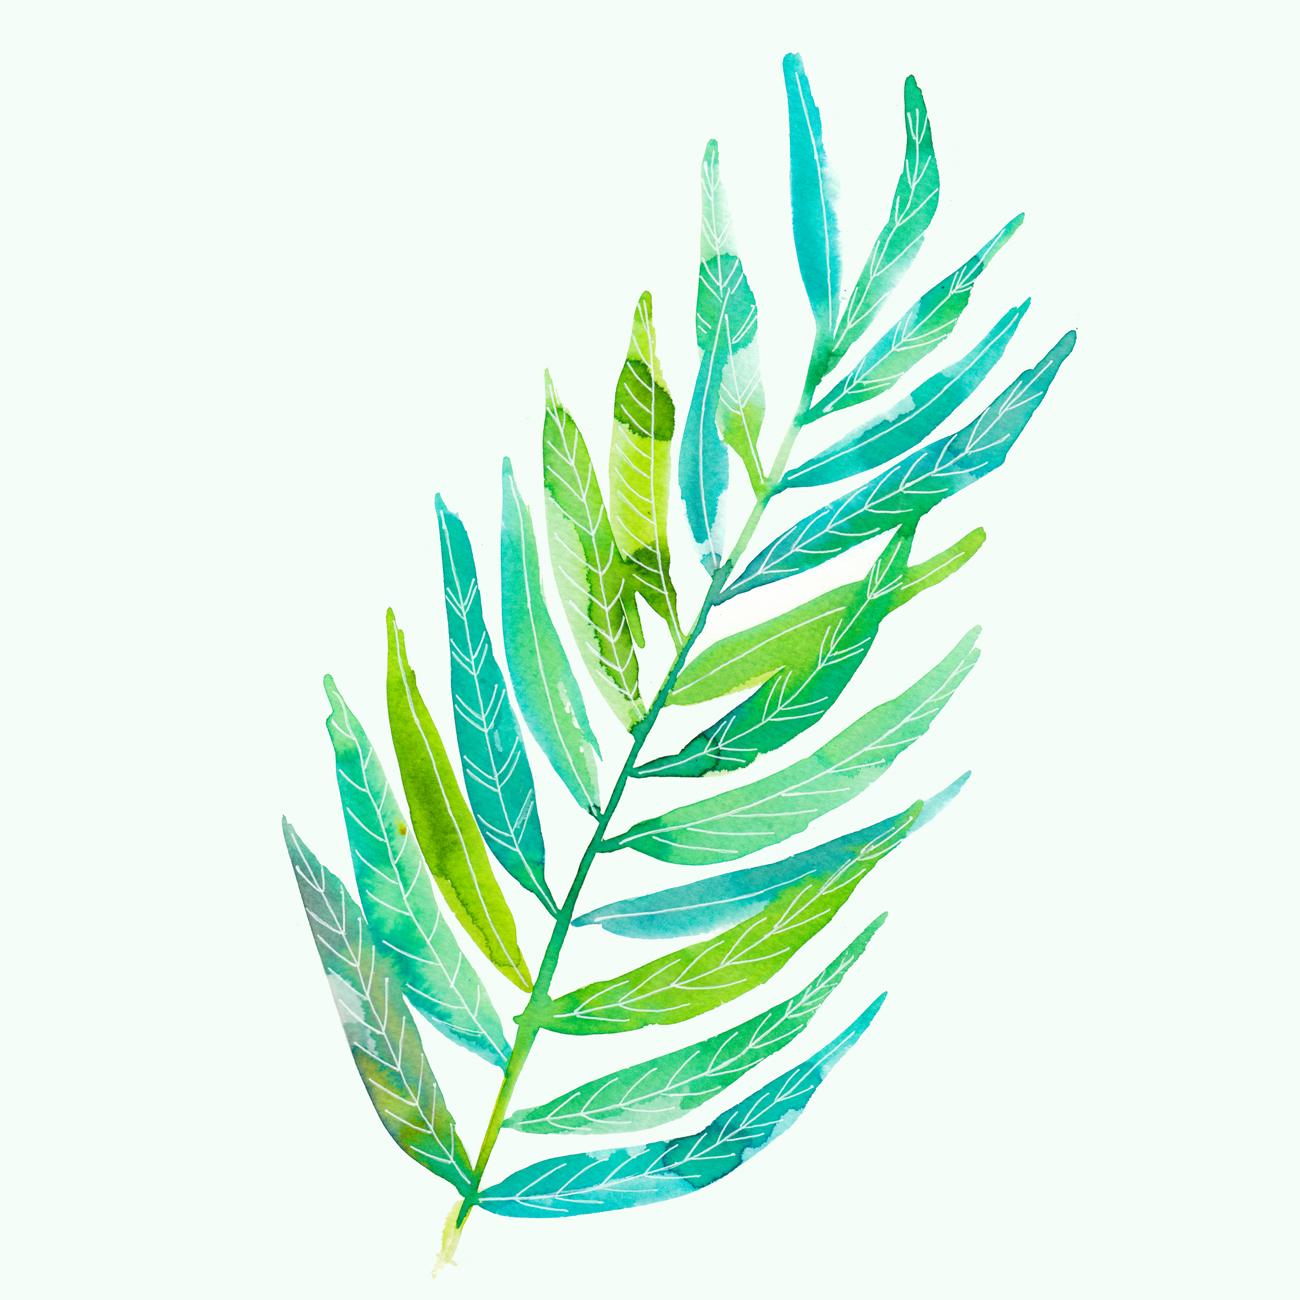 botanische illustratie blad waterverf Petra van Dreumel